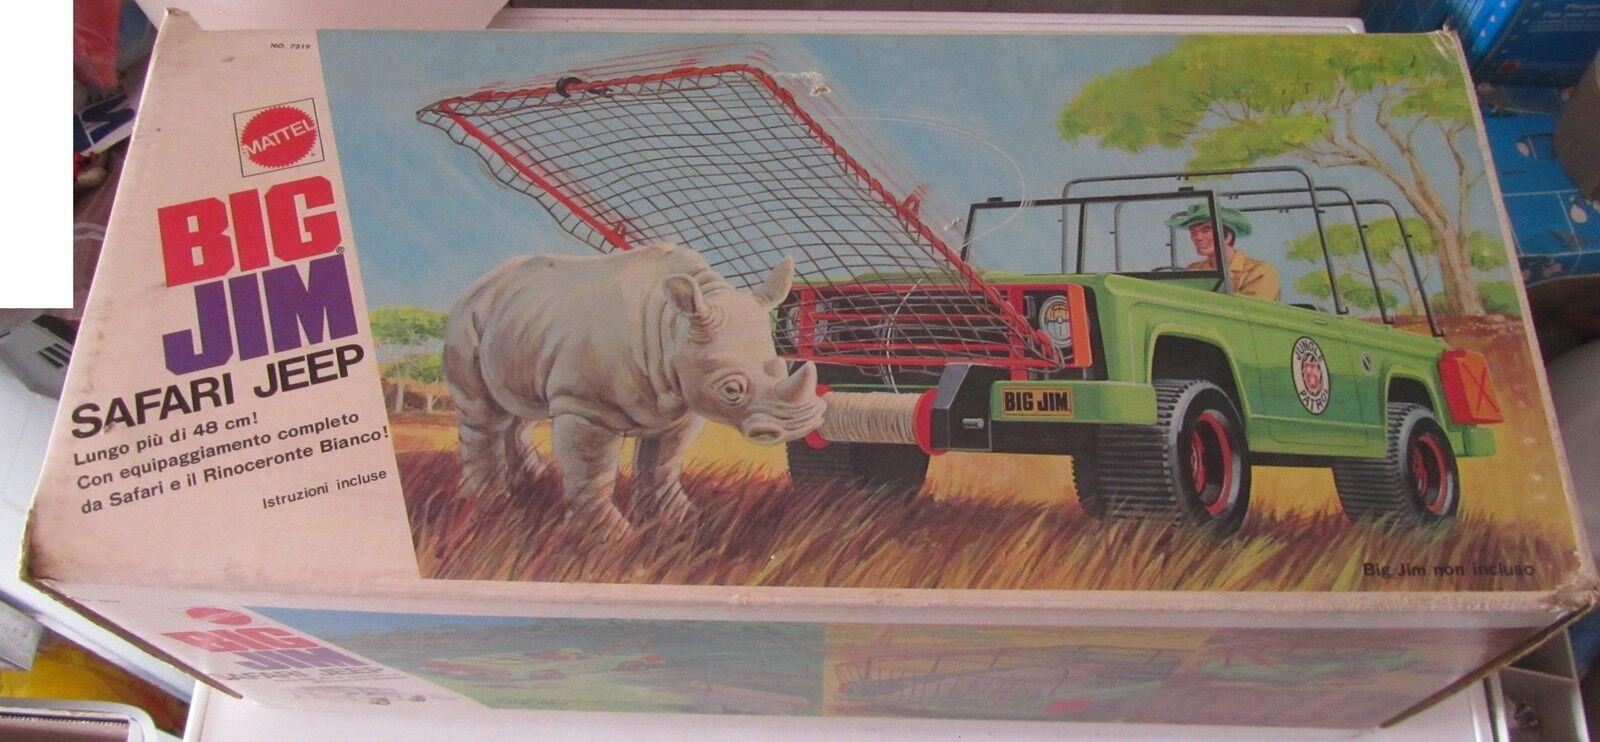 BIG JIM Safari Jeep Caccia al Rinoceronte Rinoceronte Rinoceronte Mattel 7319 SPESE GRATIS c43de1